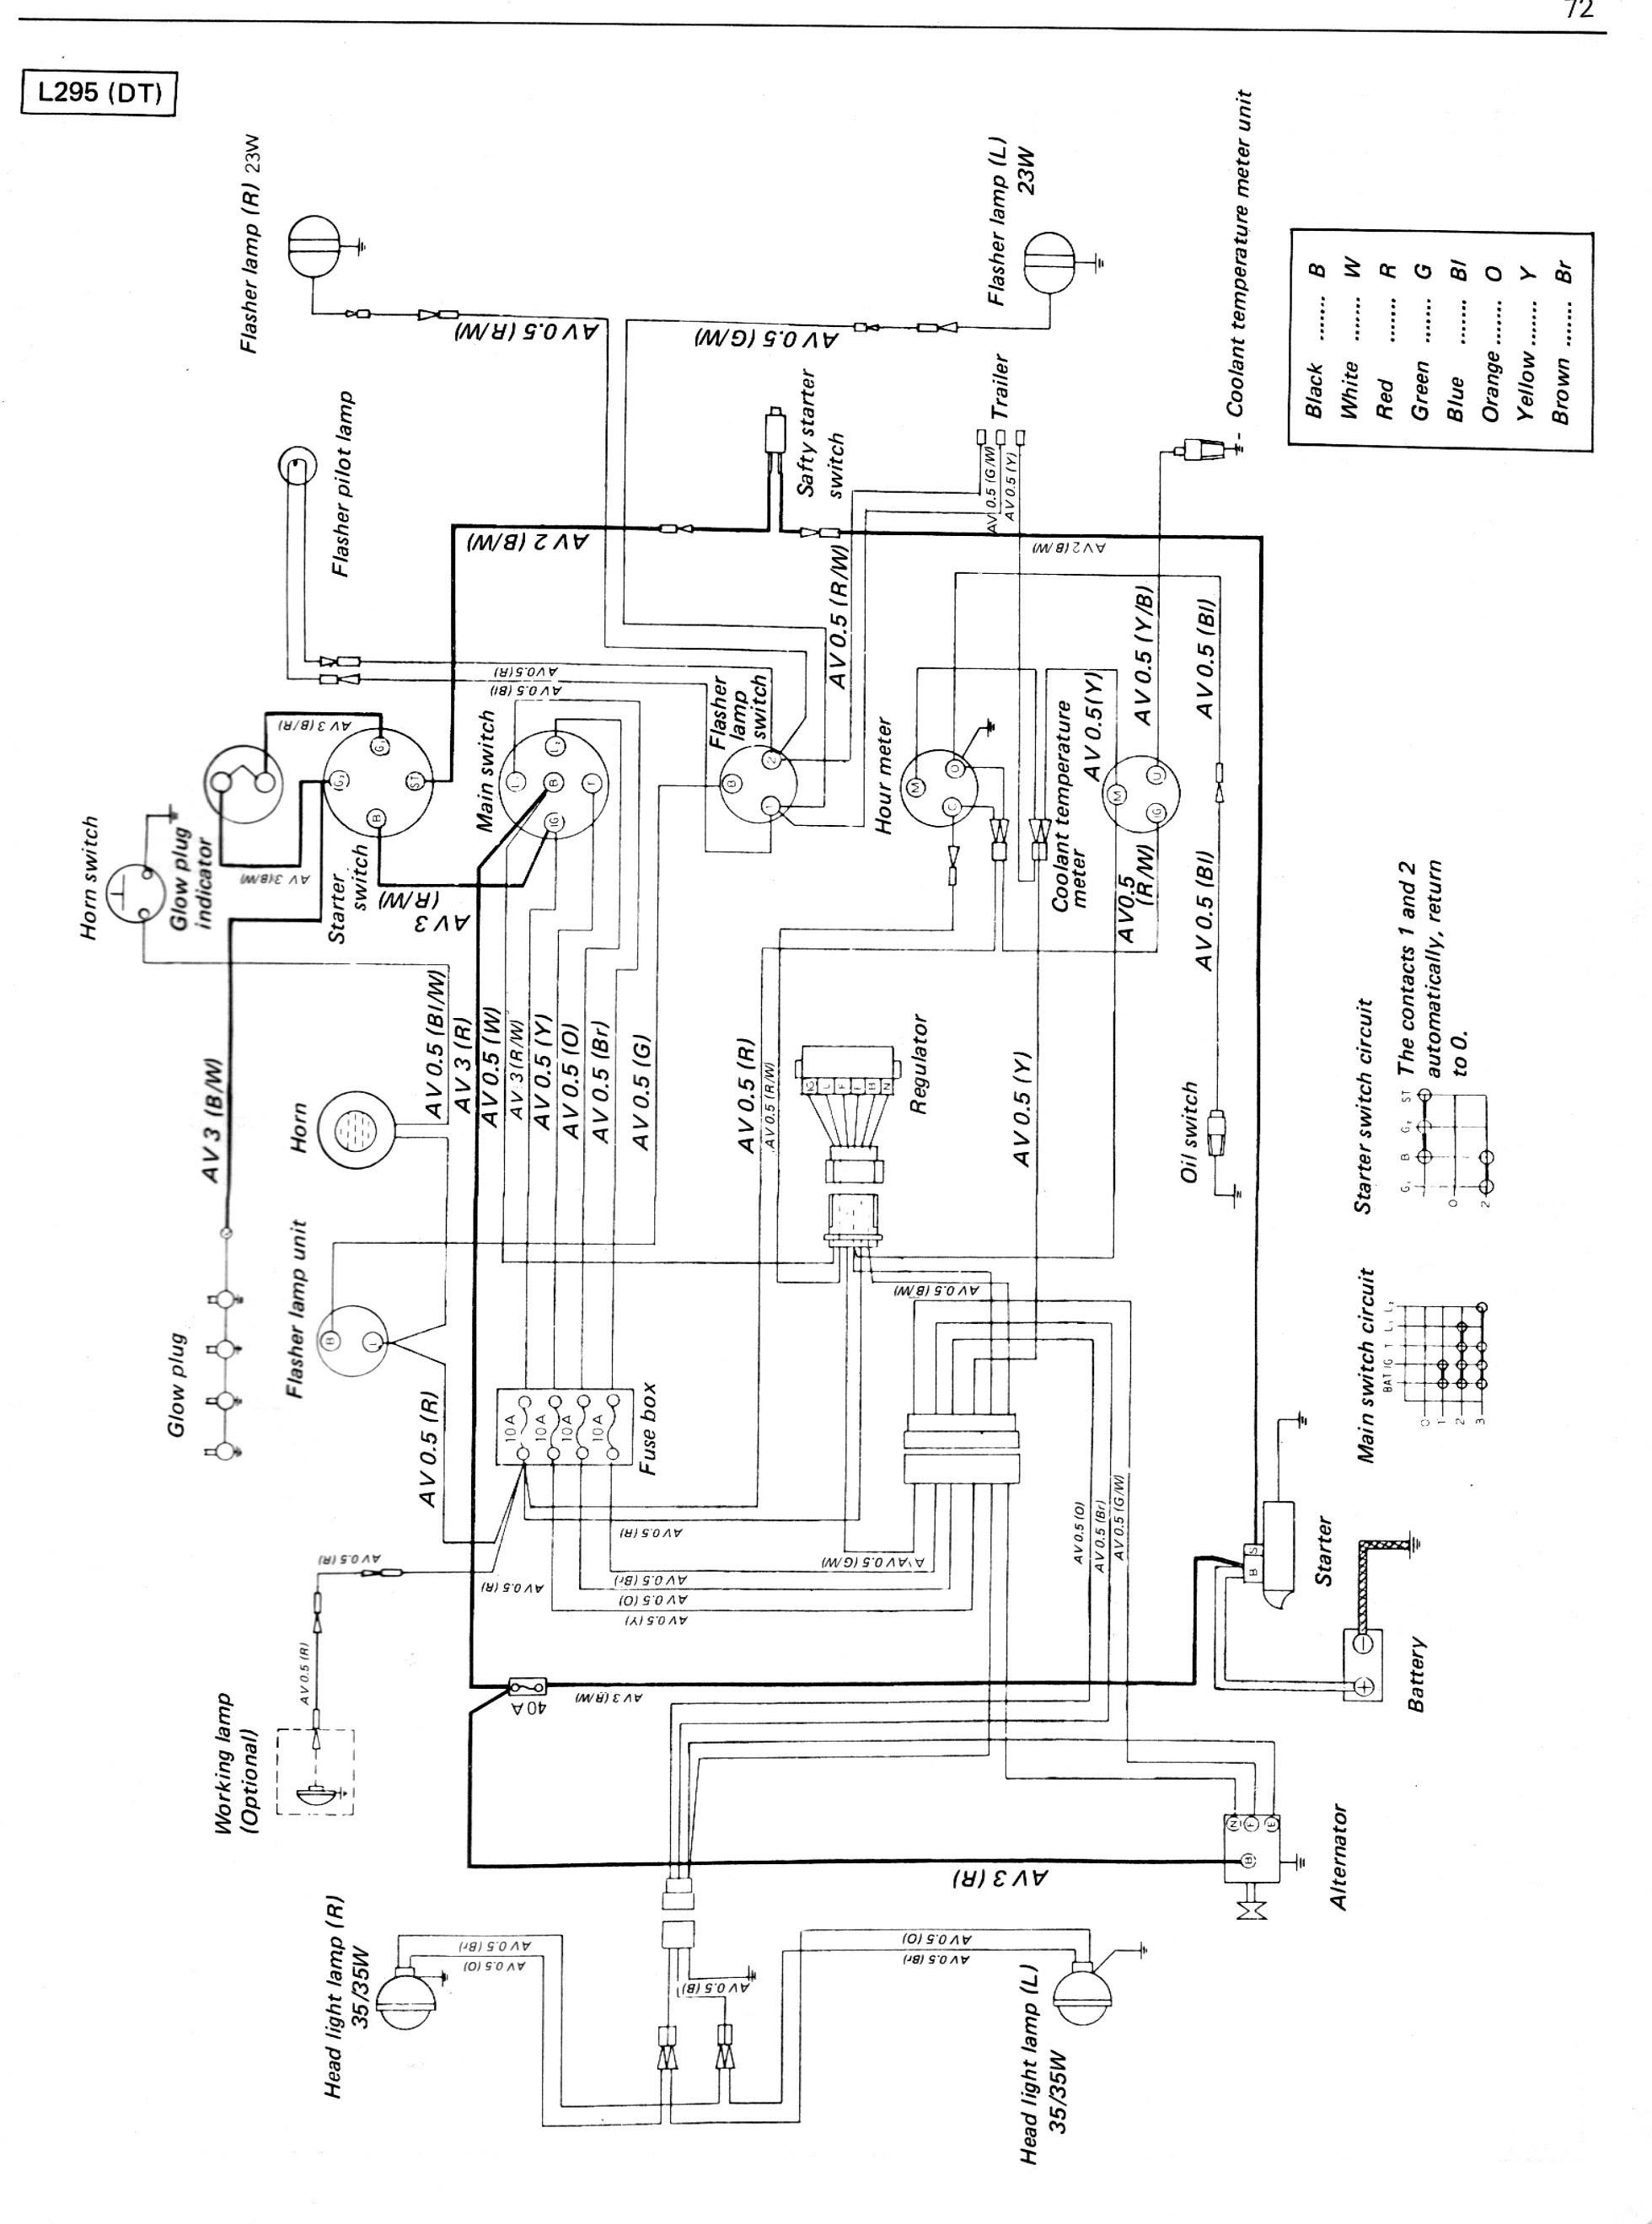 Diagram Typical Starter Relay Wiring Diagram Kubota